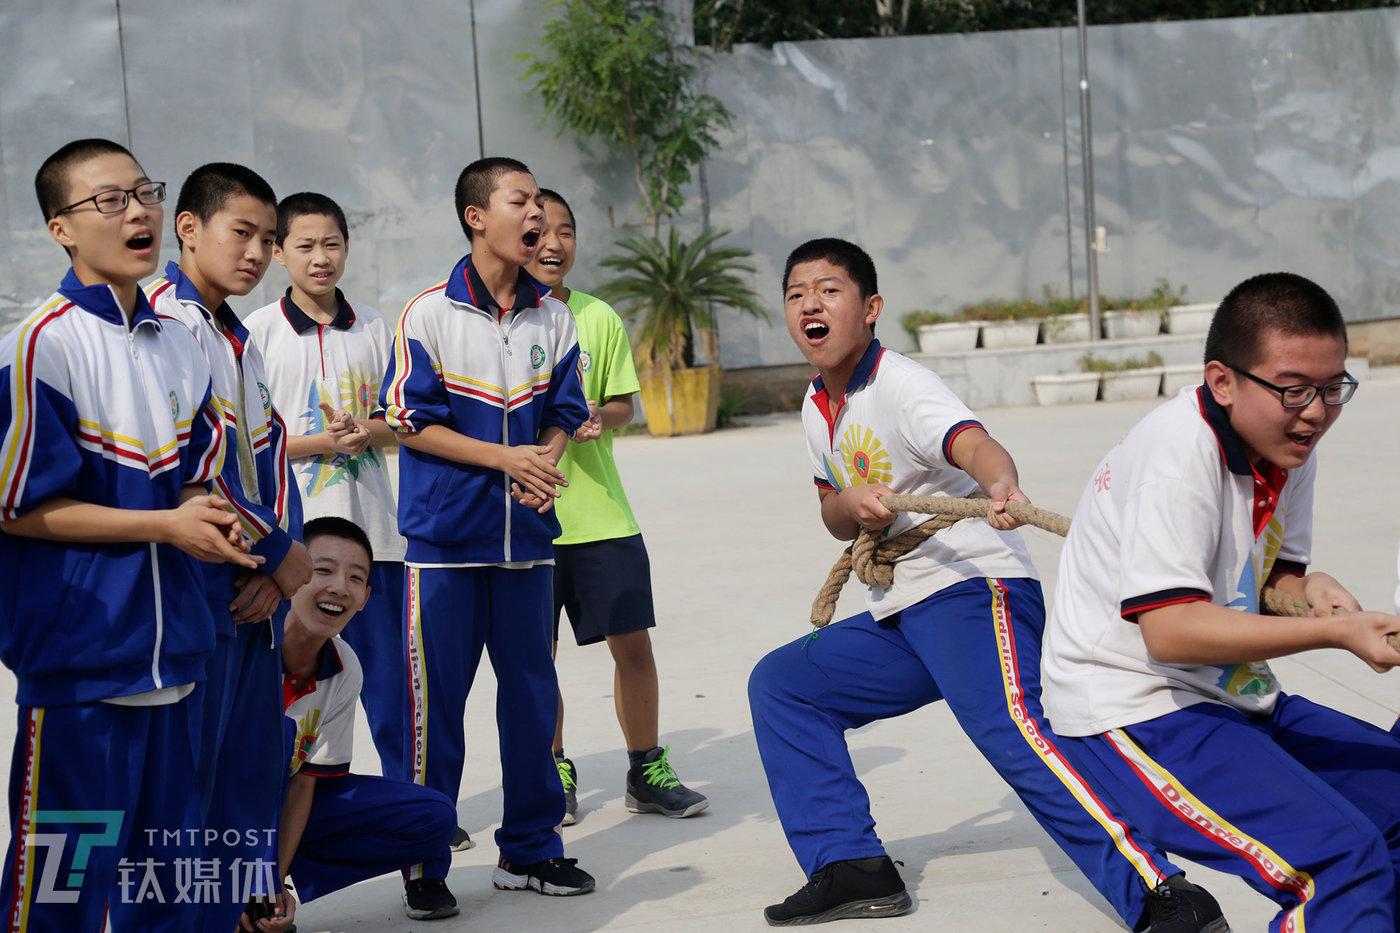 """2019年9月17日,蒲公英中学,一场拔河比赛上,14岁的彭城(中)在拔河绳上""""压轴""""。"""